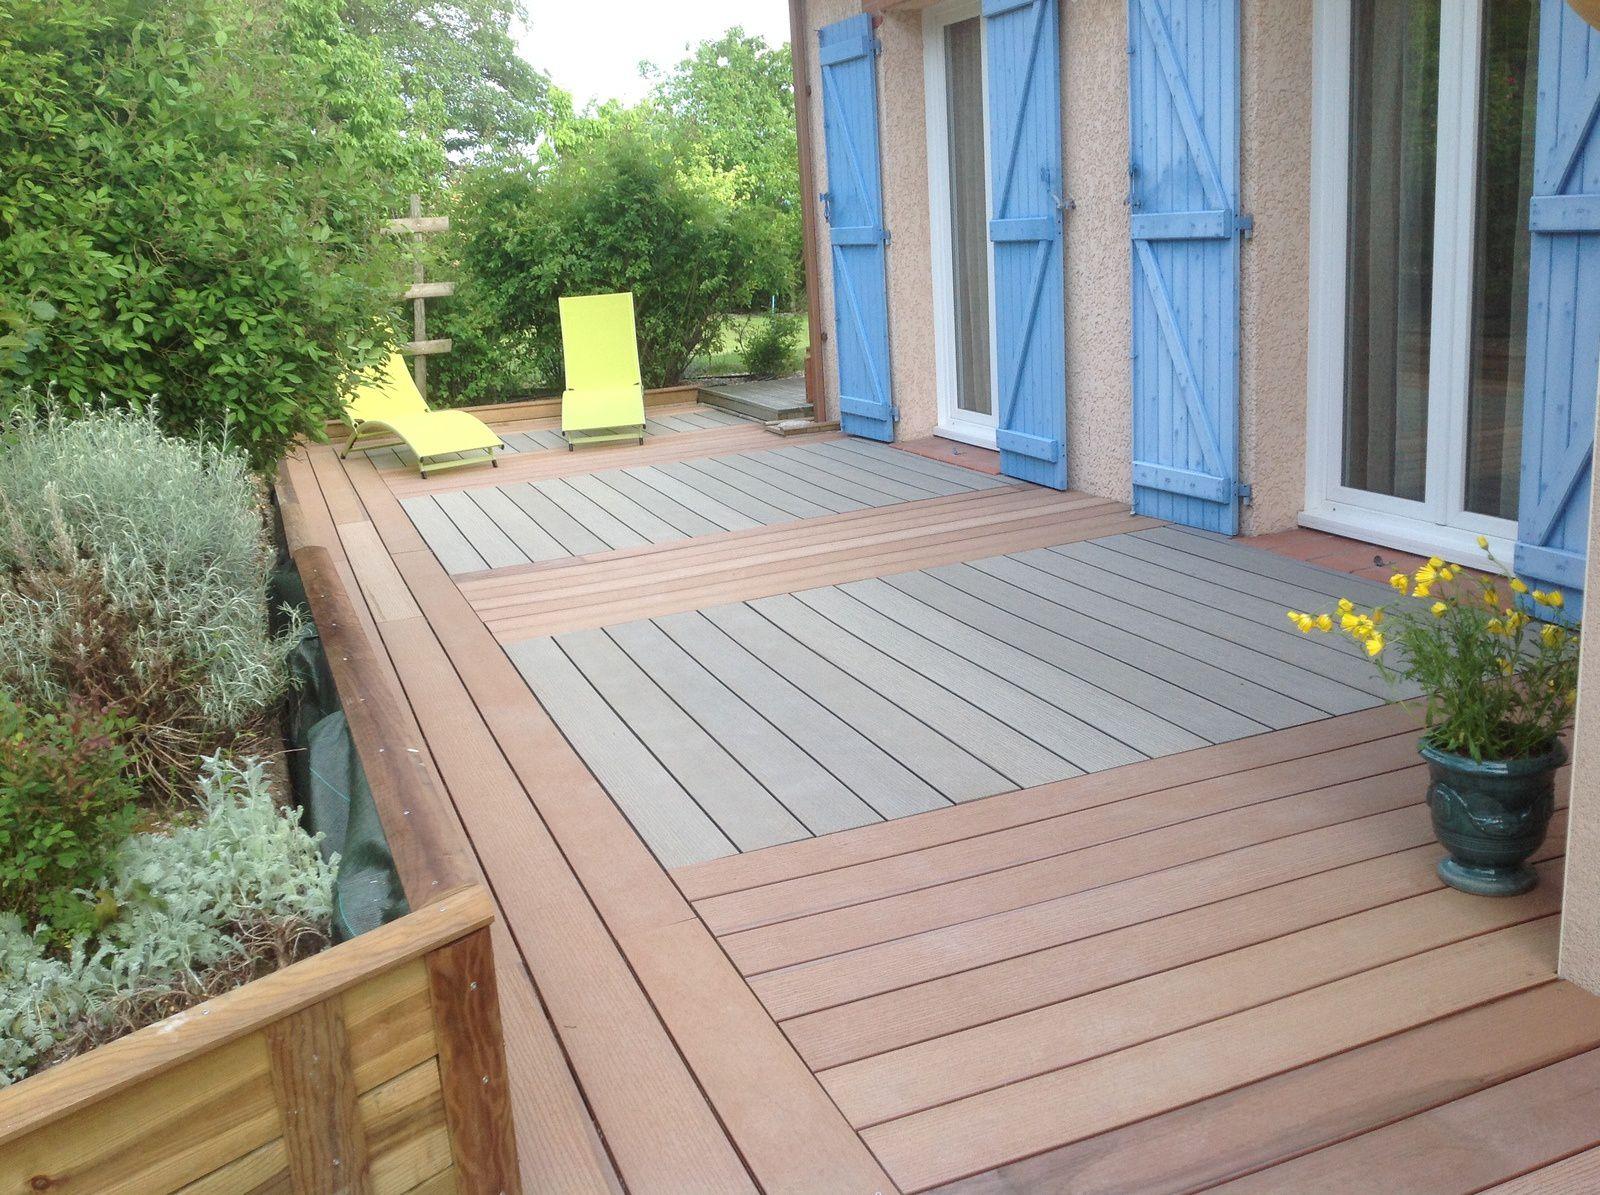 Terrasse bois le blog de - Terrasse en bois ou composite ...